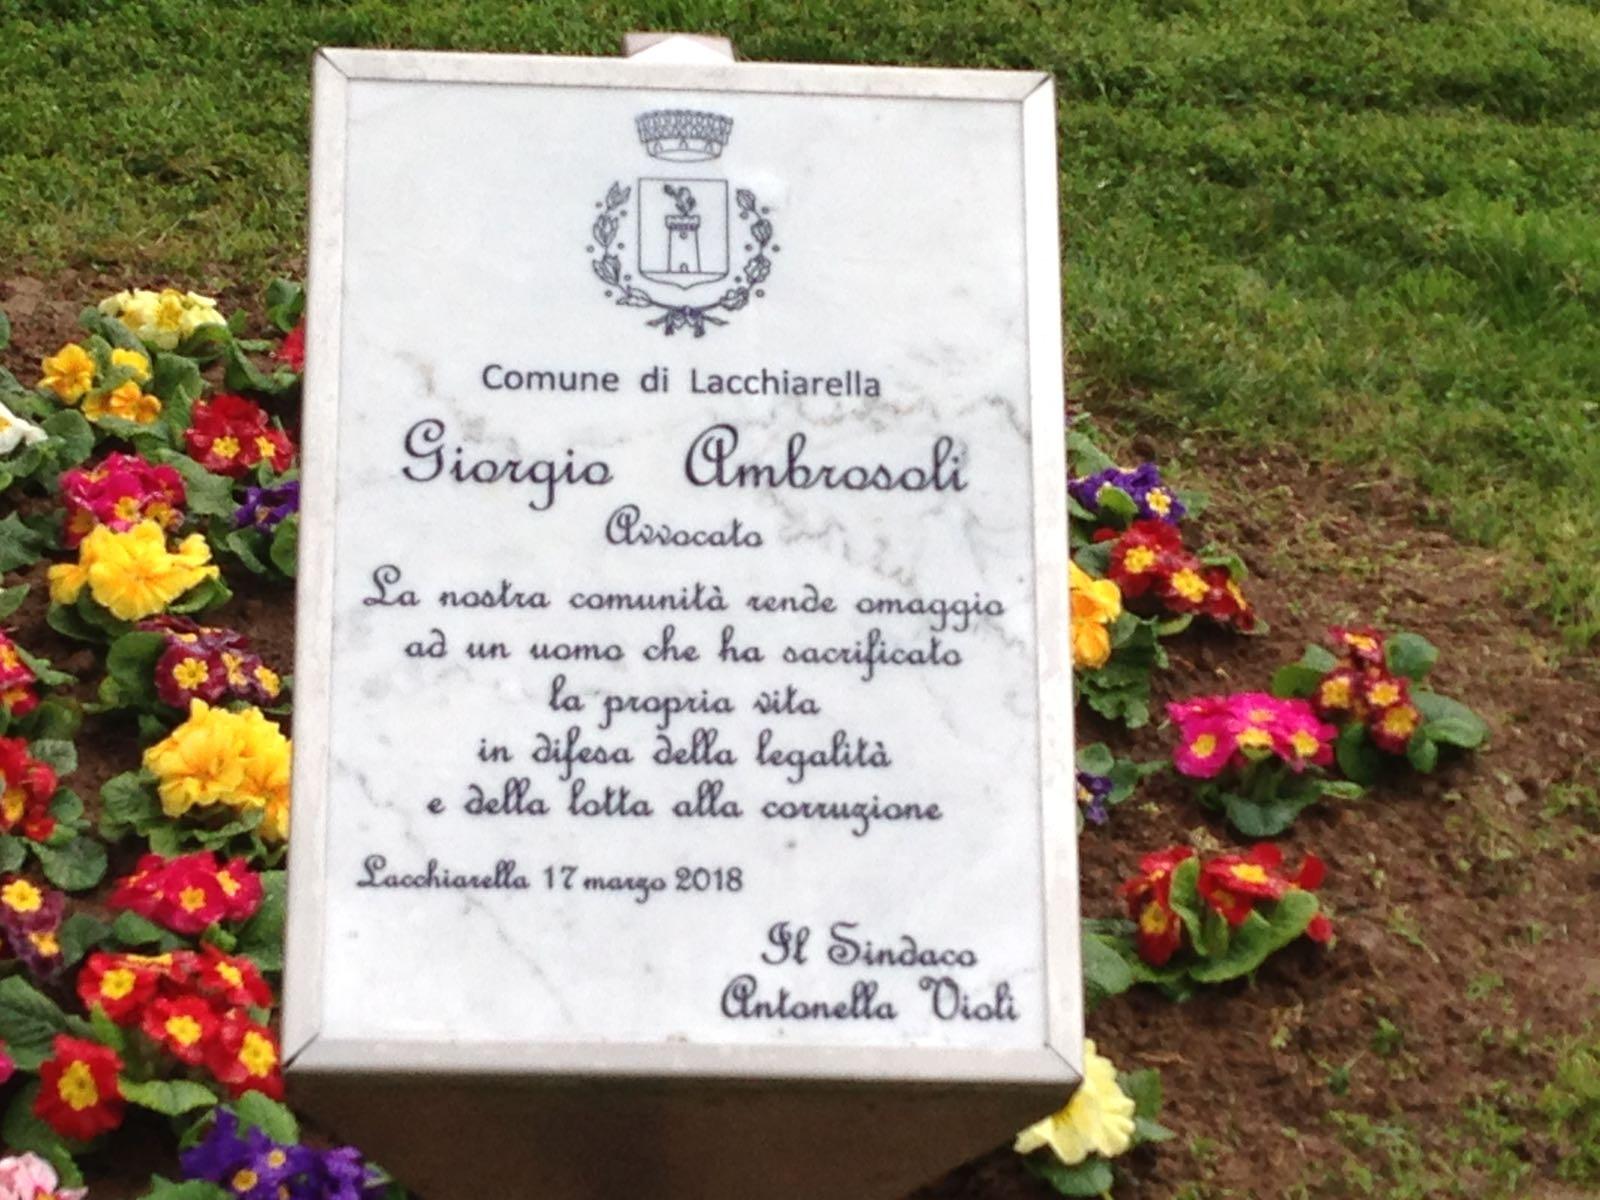 Giorgio Ambrosoli onorato a Lacchiarella